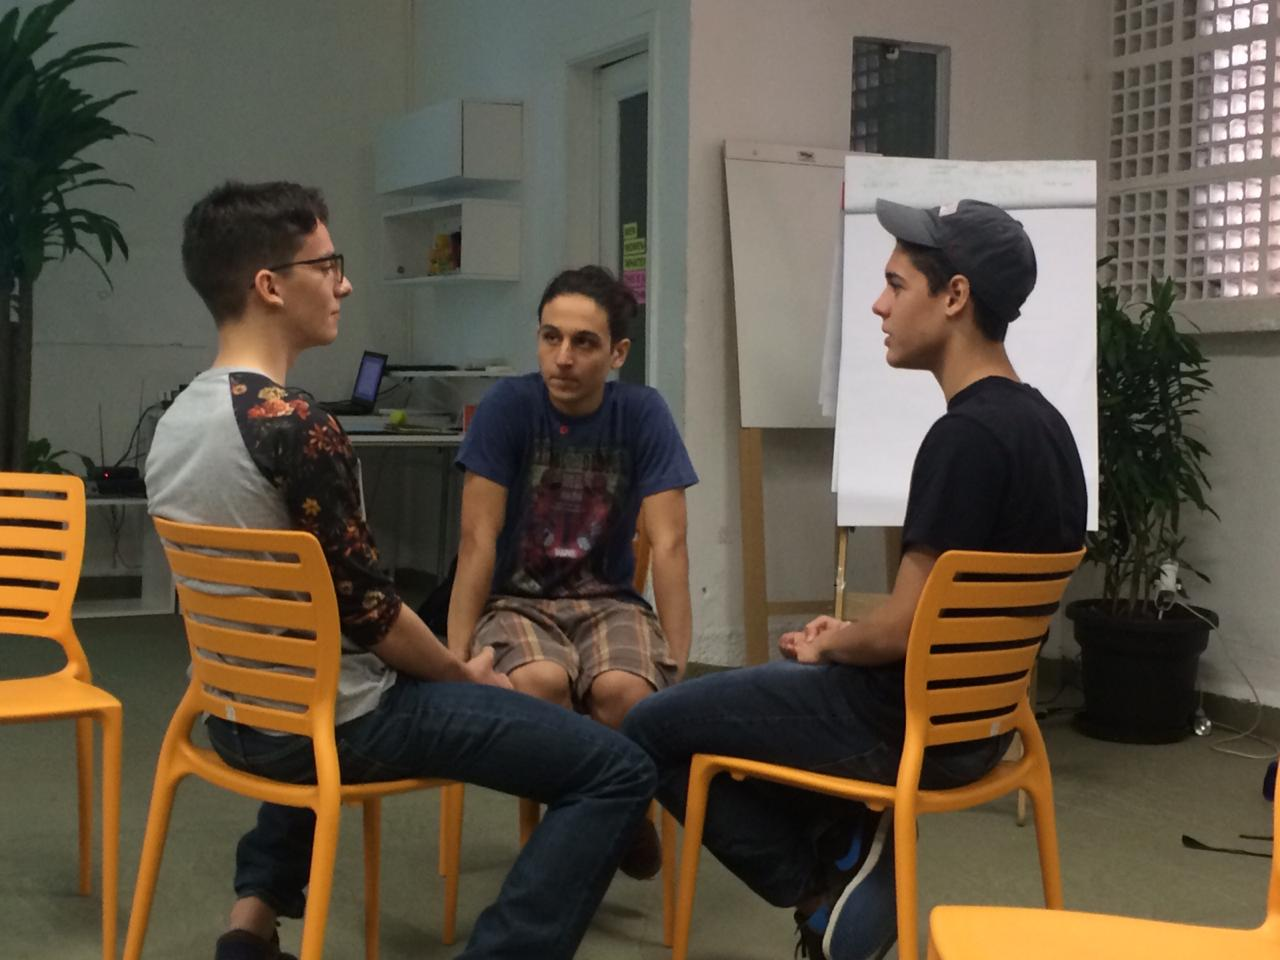 garotos sentados cadeira discutindo masculinidade tóxica